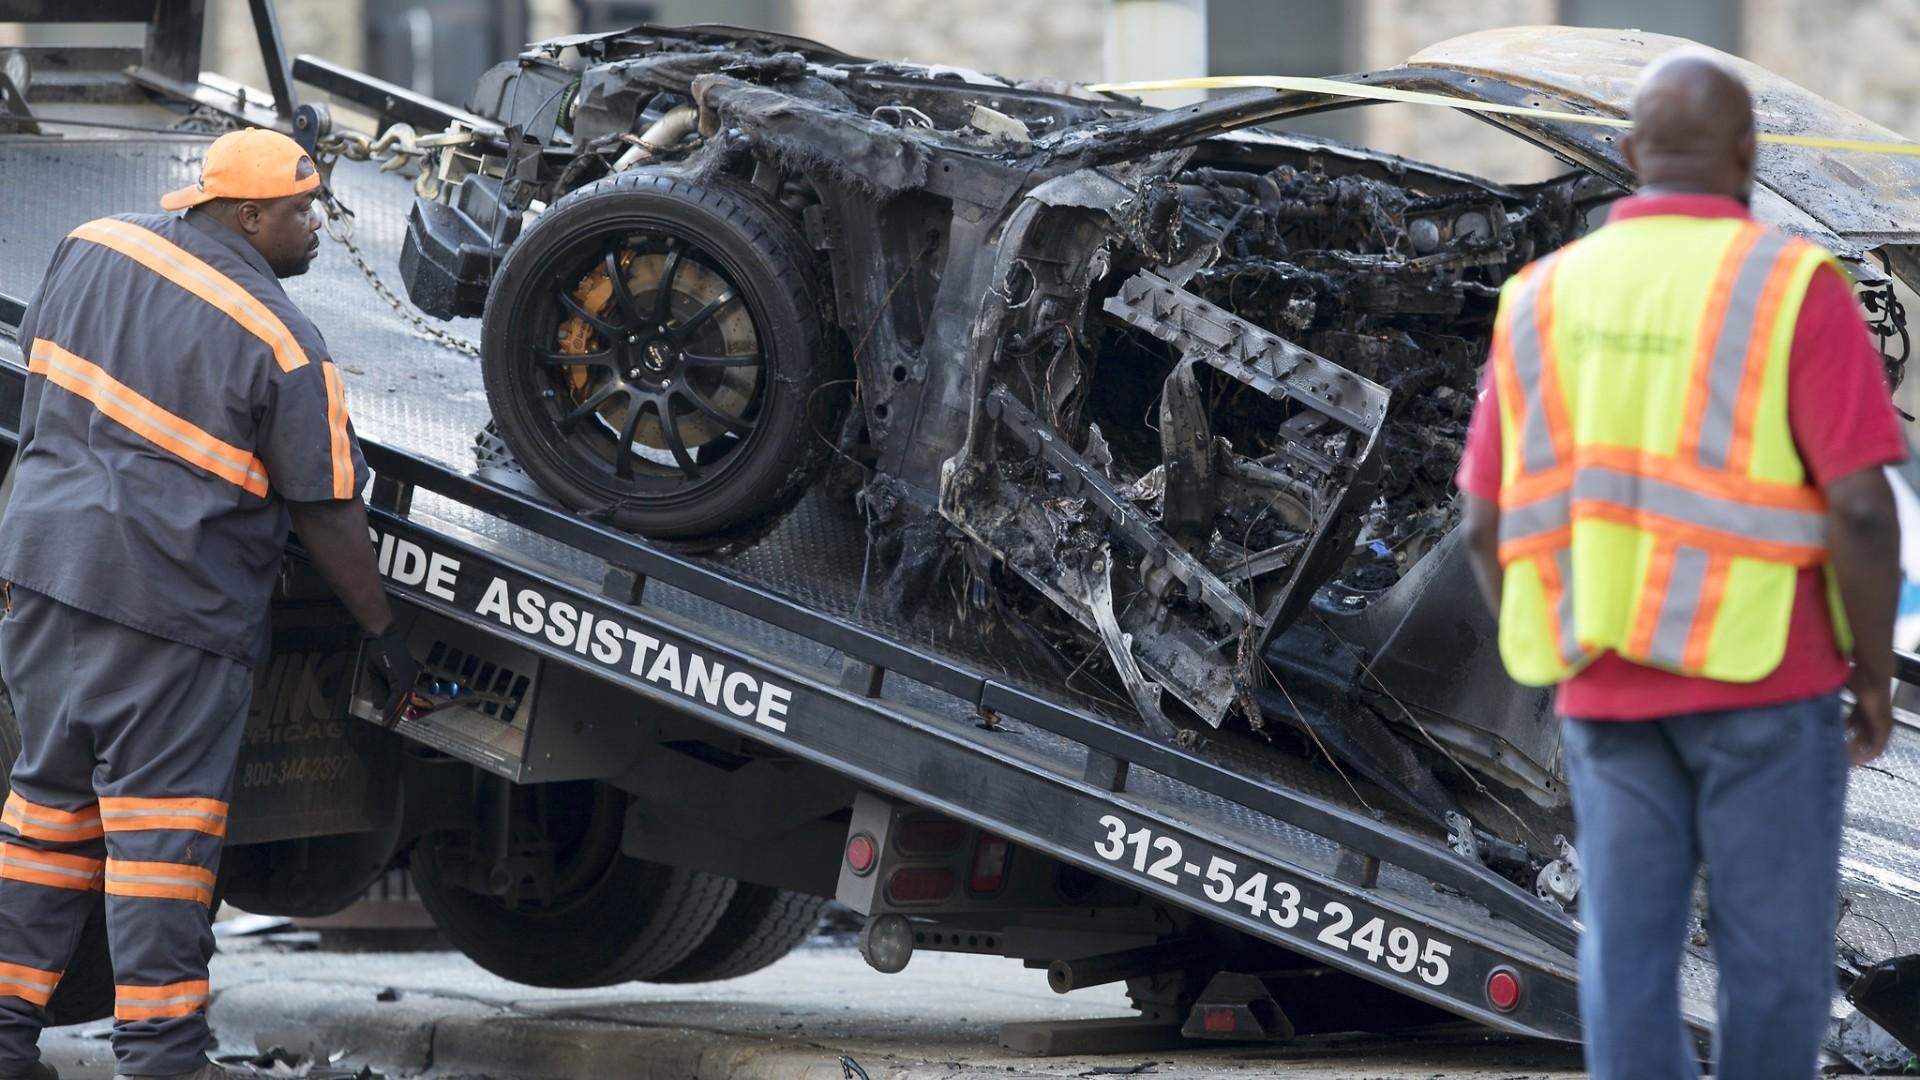 Ontario Street Chicago Car Crash